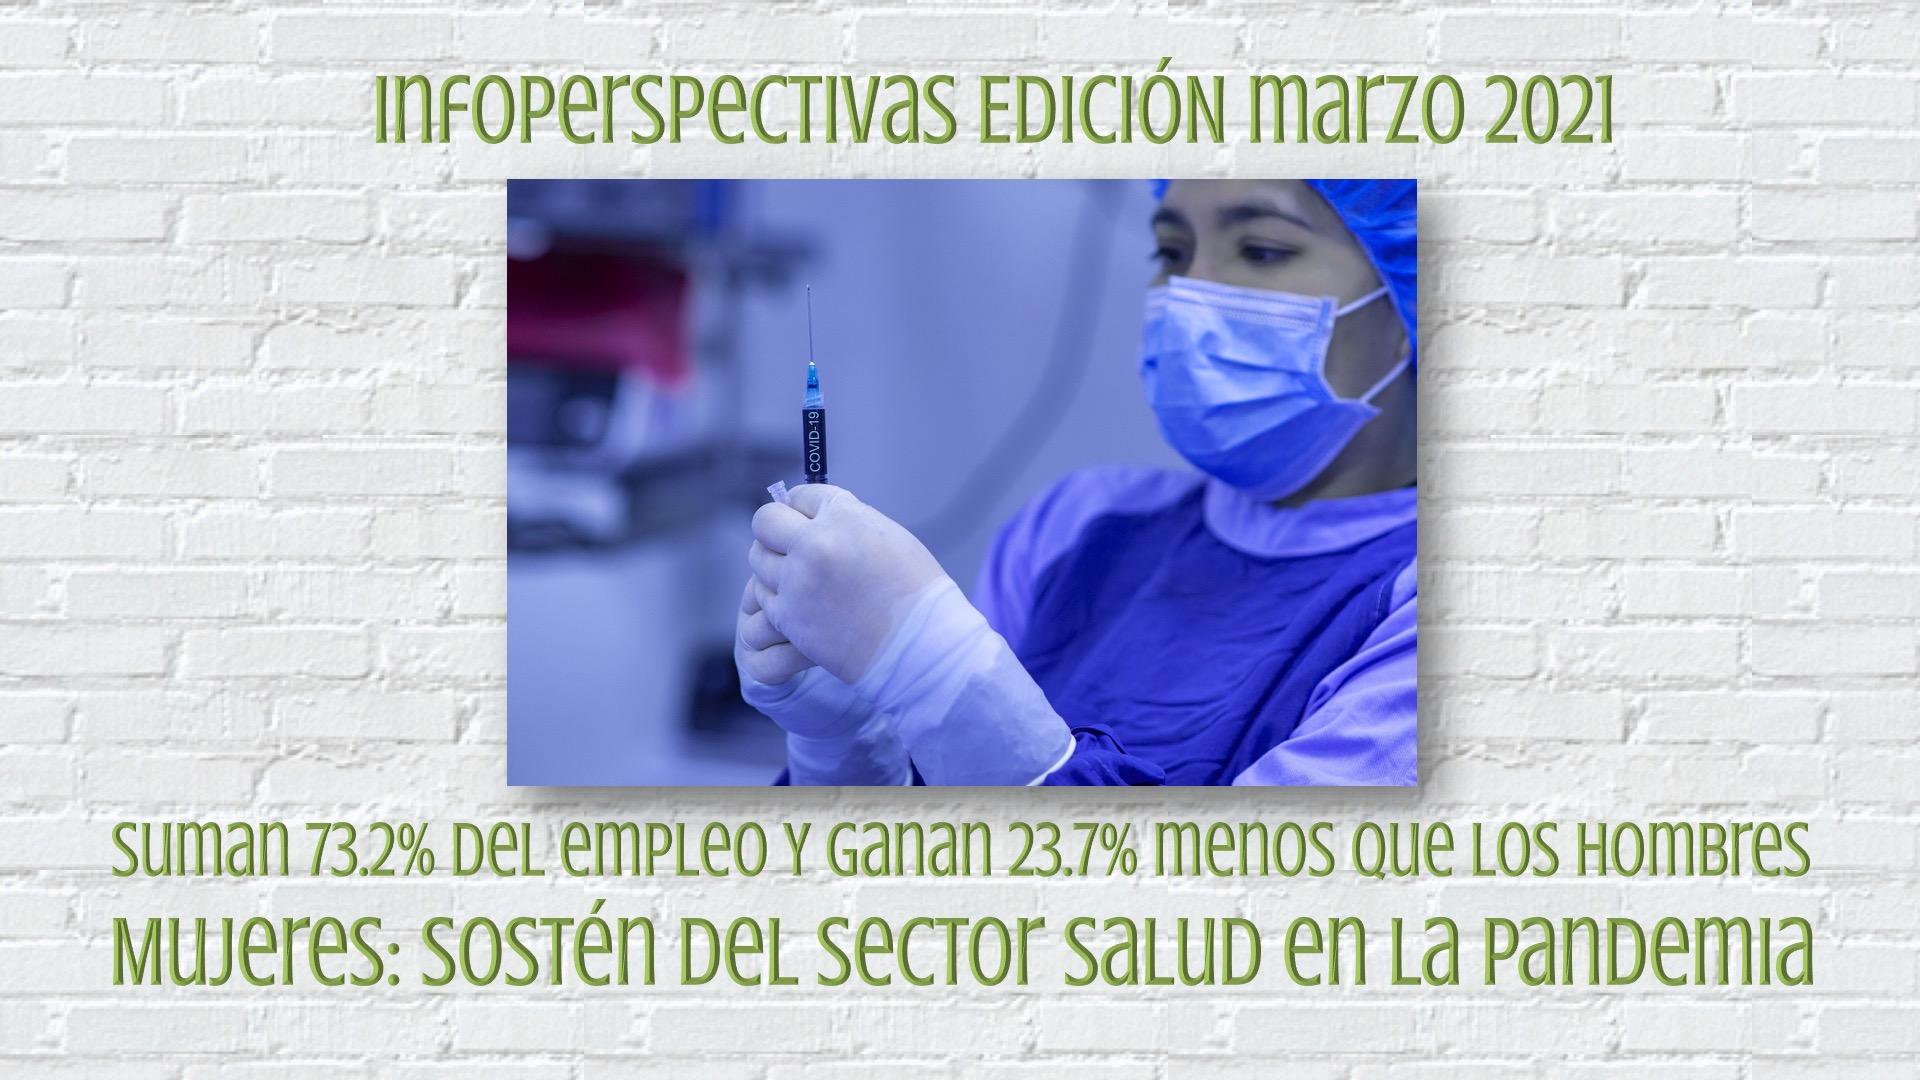 TribuAmericas Marzo 20201 Mujeres Sostenibilidad del Sector Salud en la Pandemia